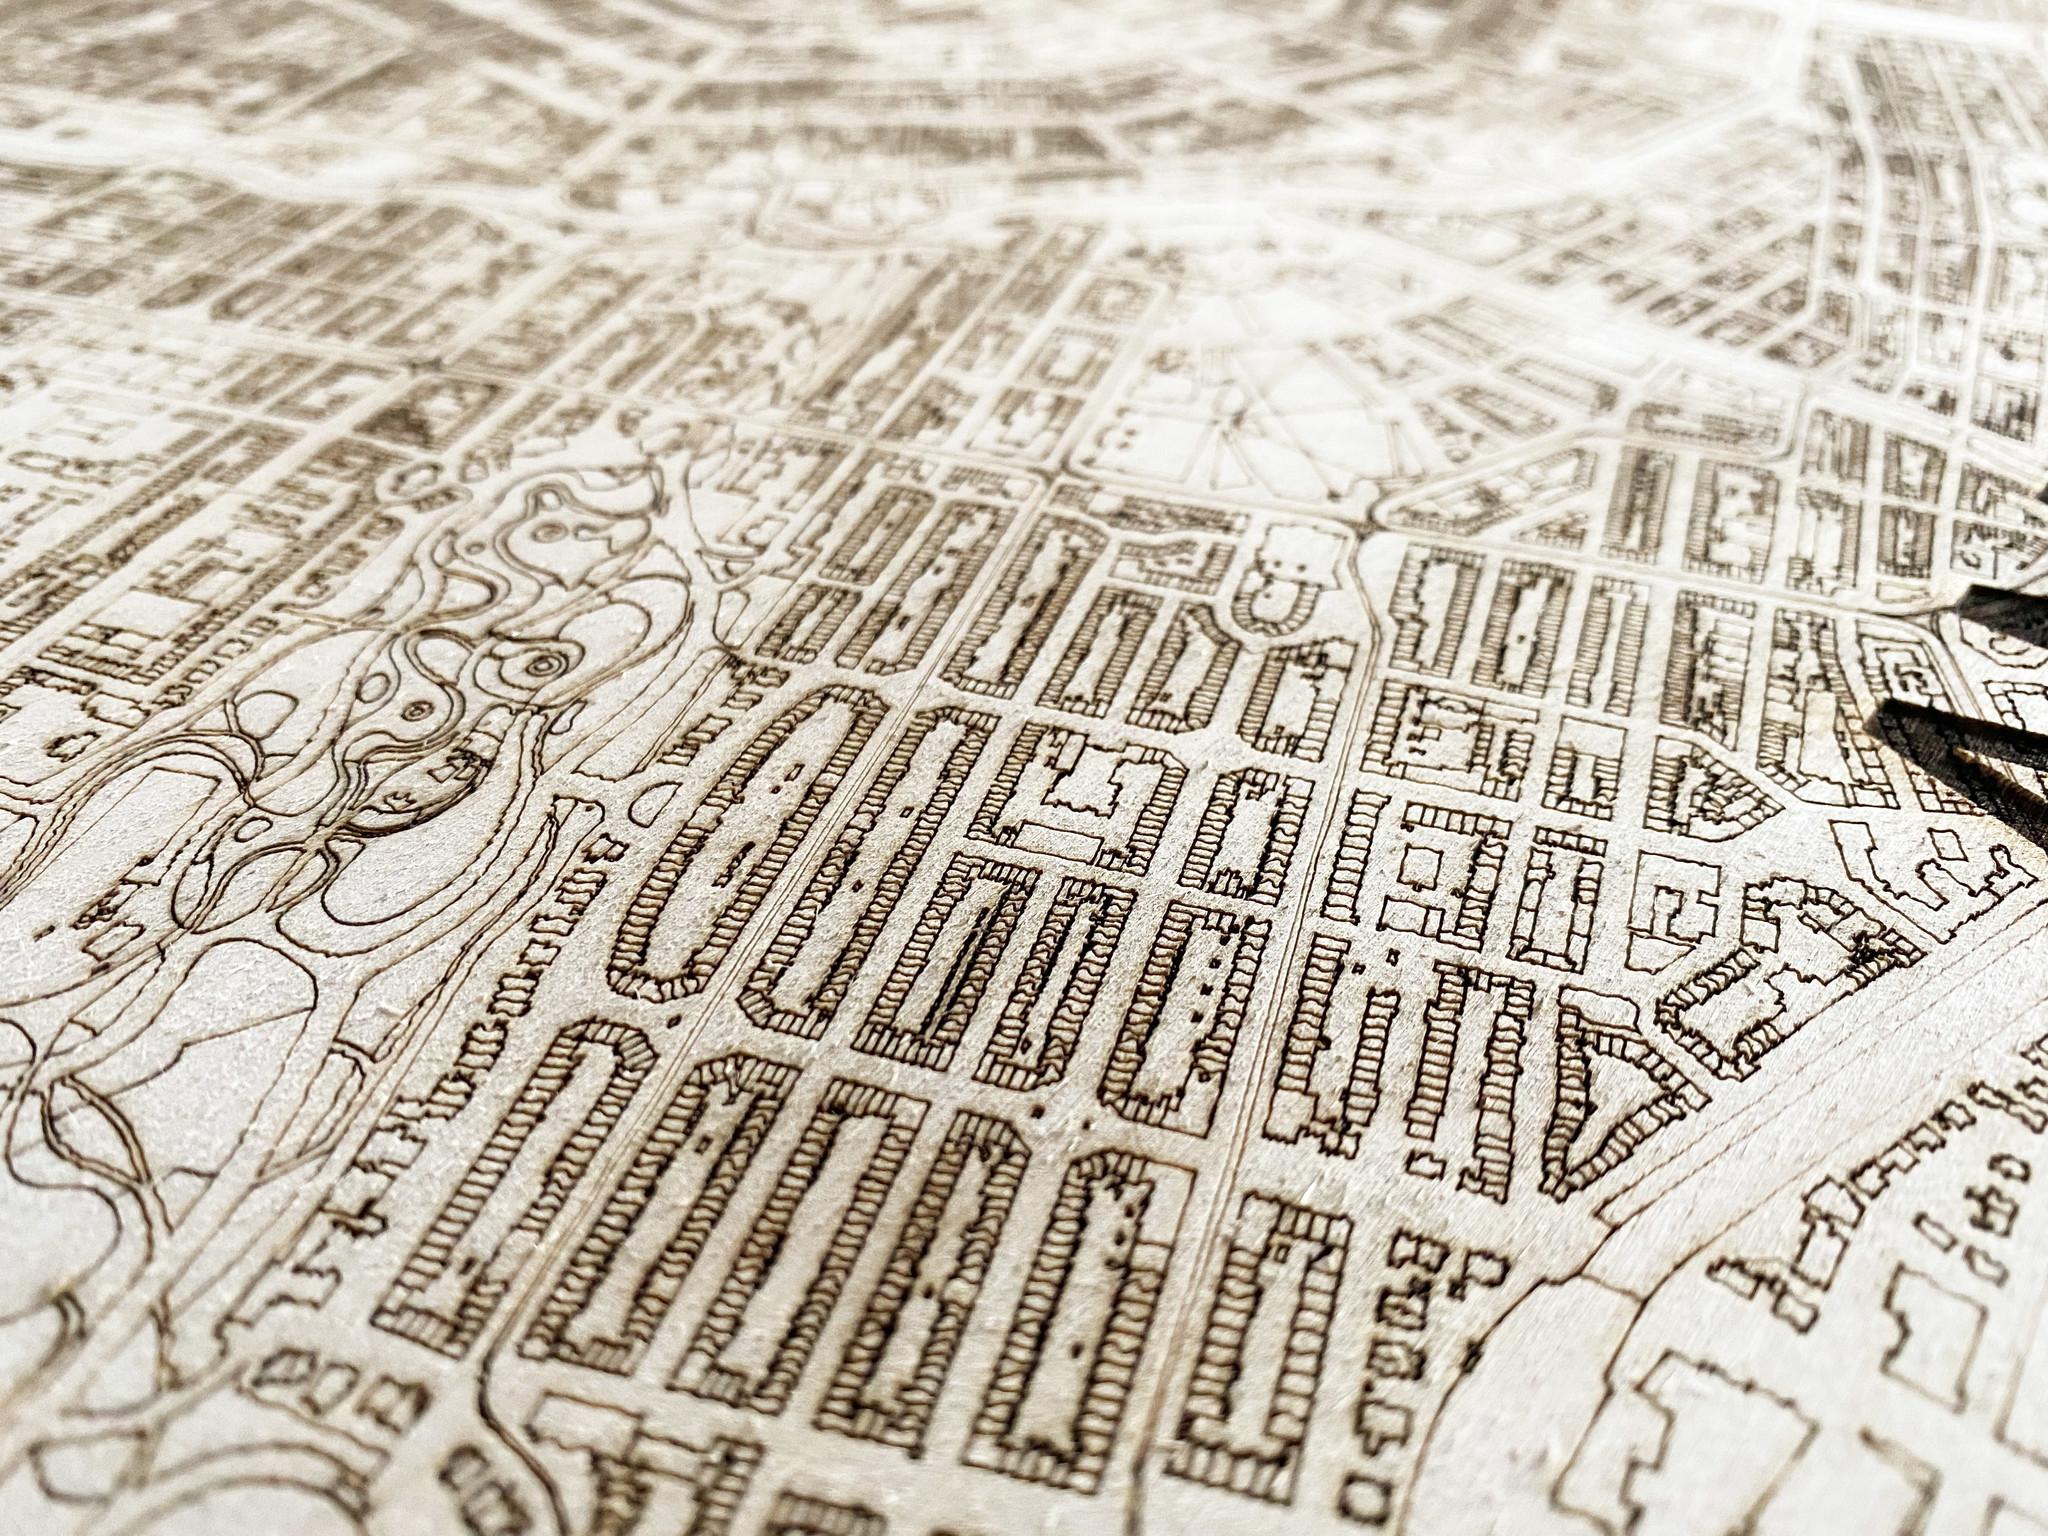 Houten stadsplattegrond Luik-2